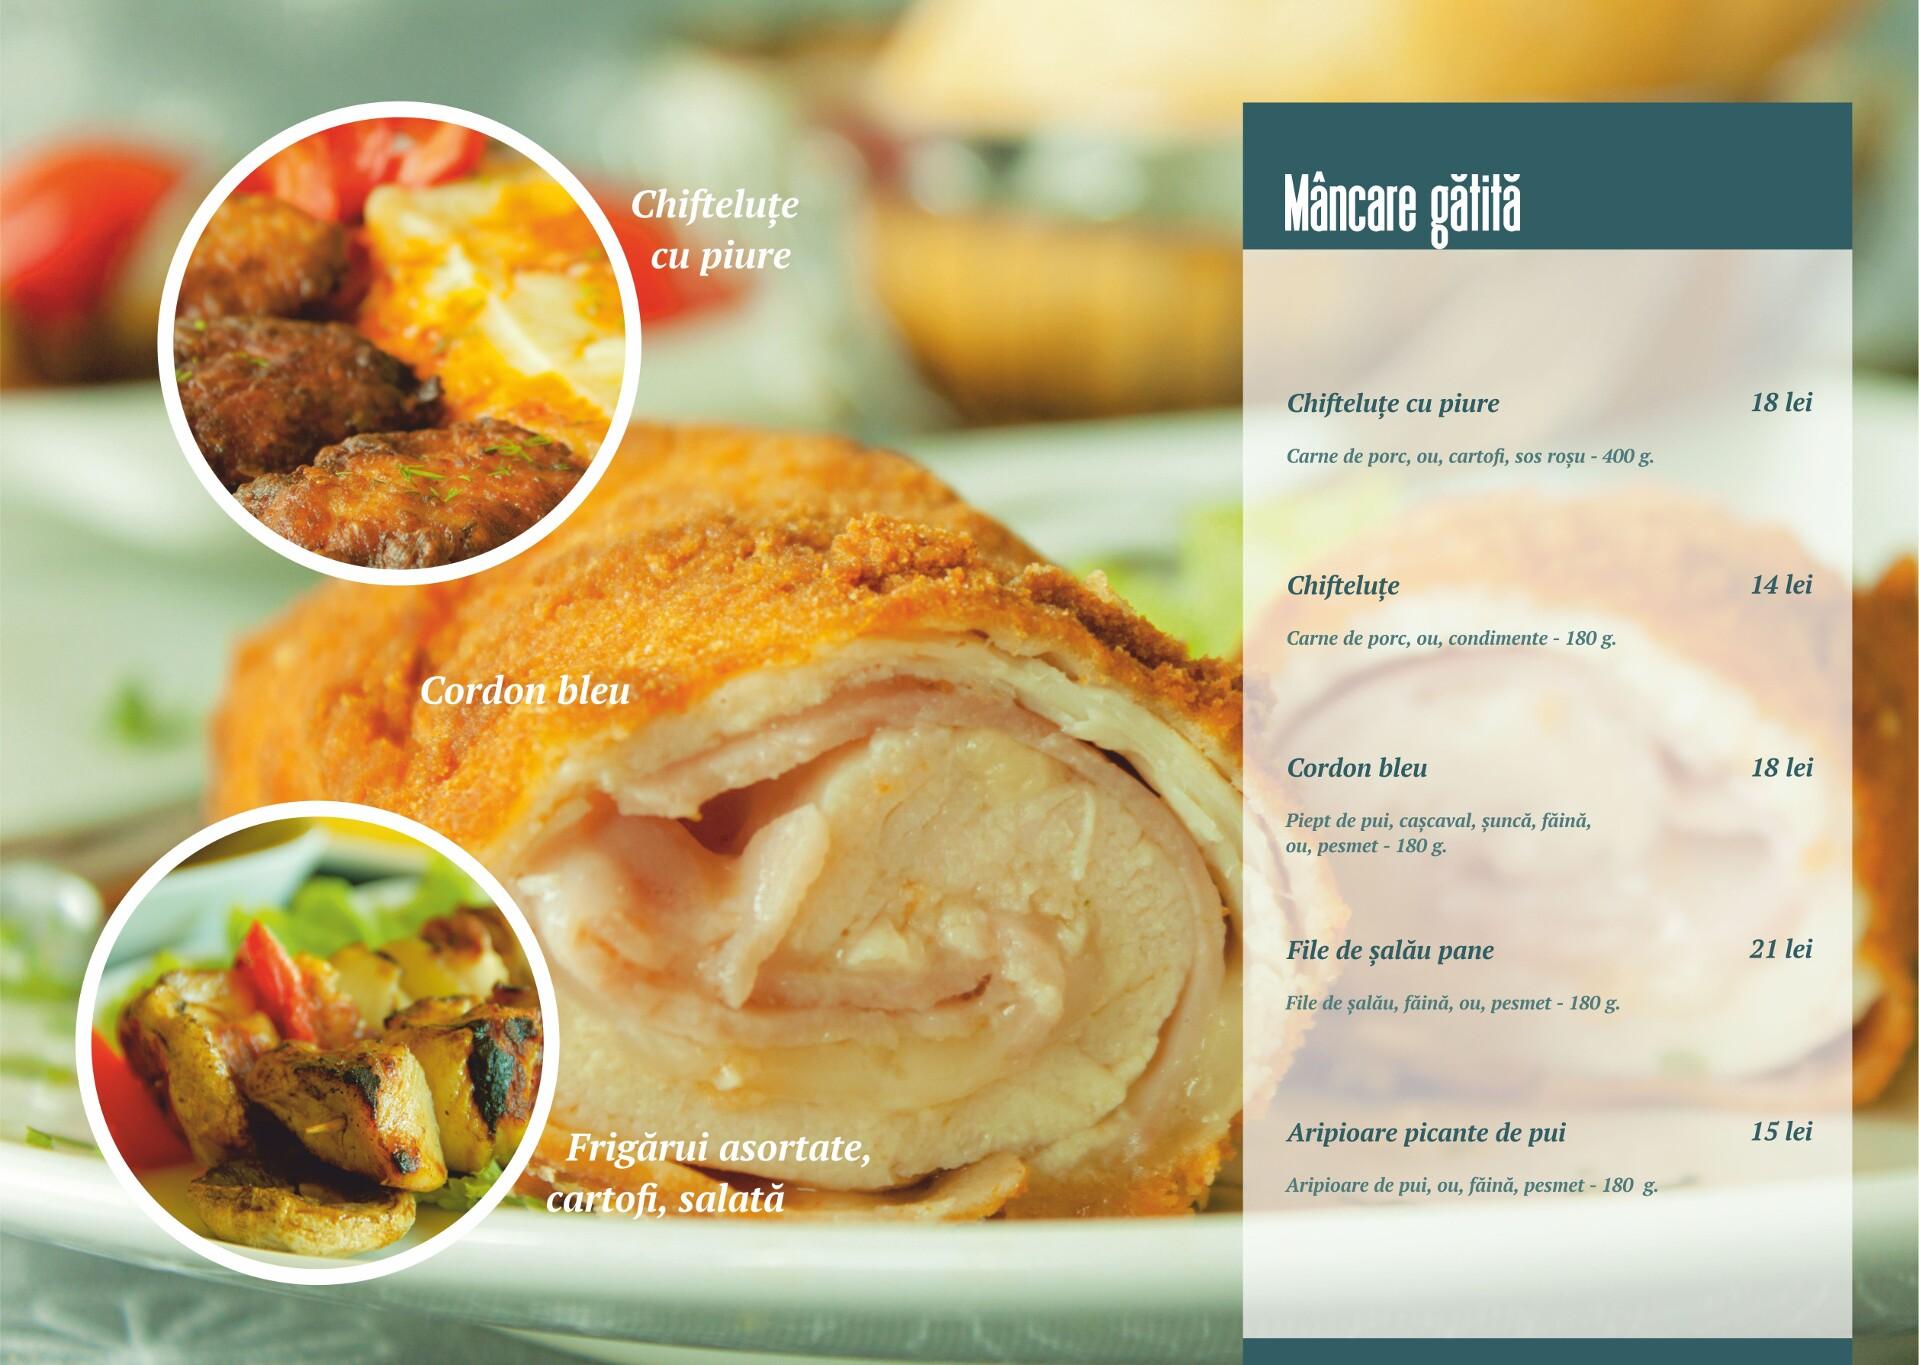 Mâncare gătită - pagina 1